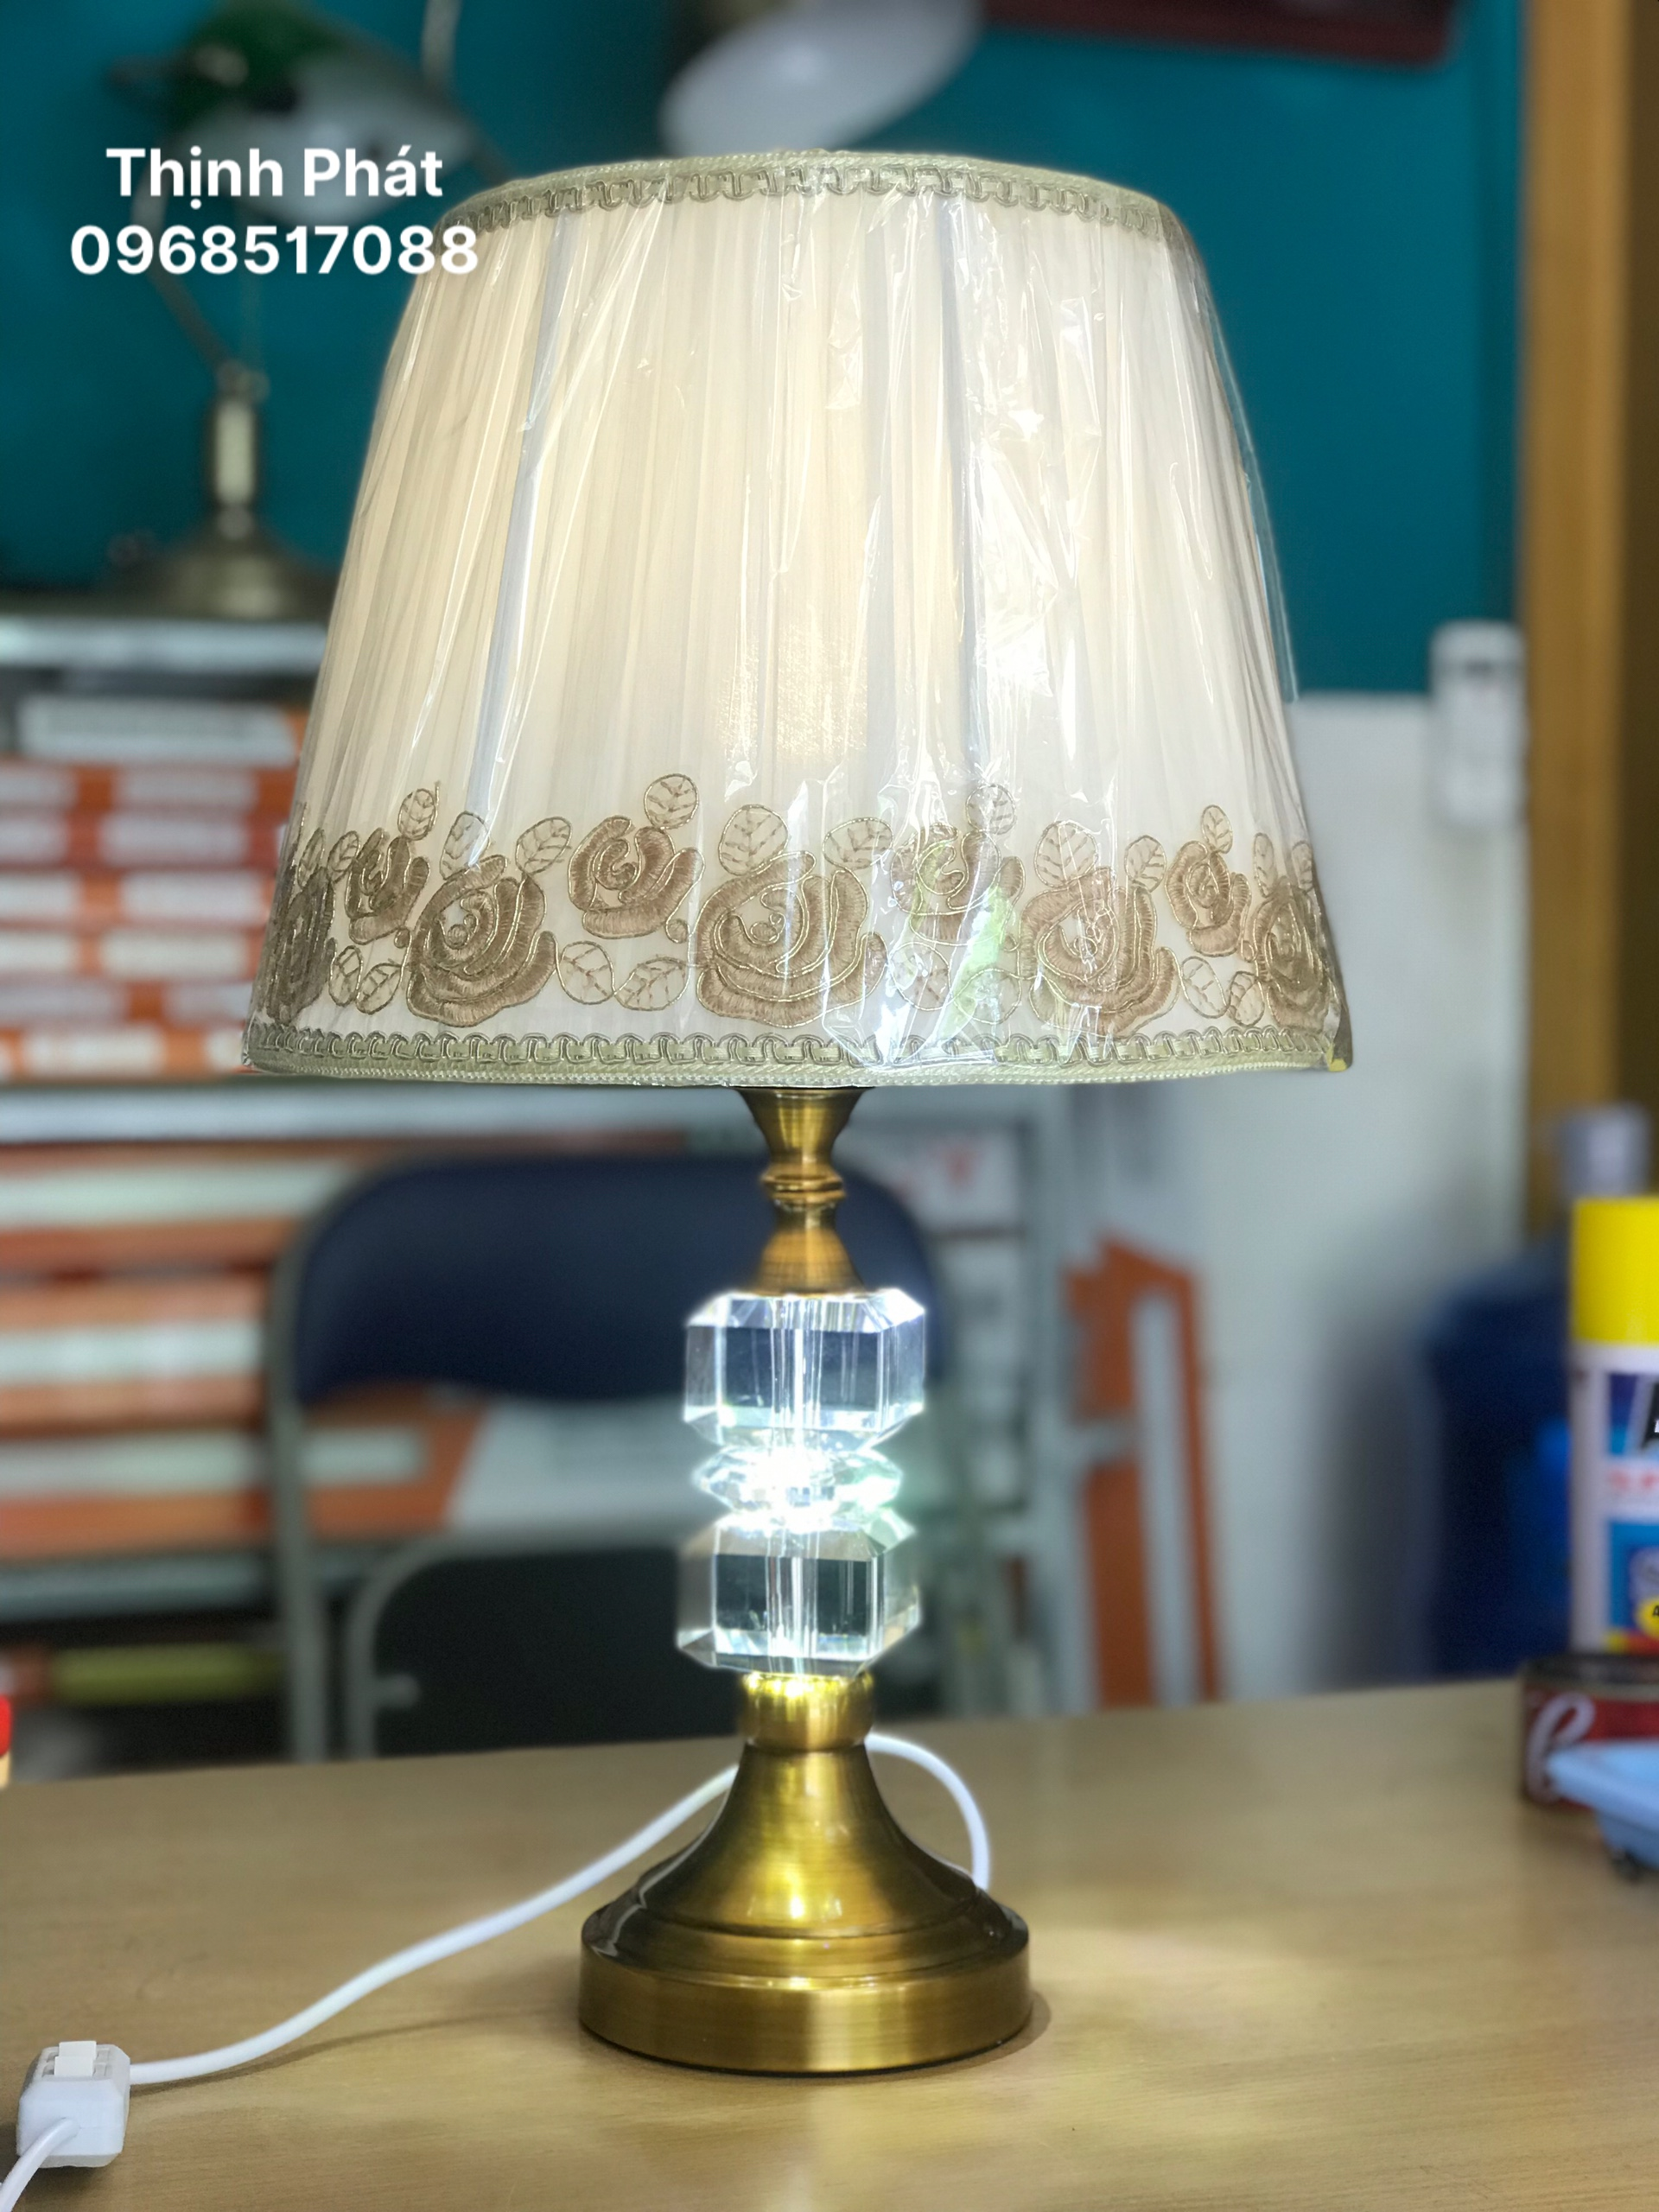 Đèn để bàn 2in1 pha lê cao cấp - thân màu đồng - ánh sáng dịu mắt TP251